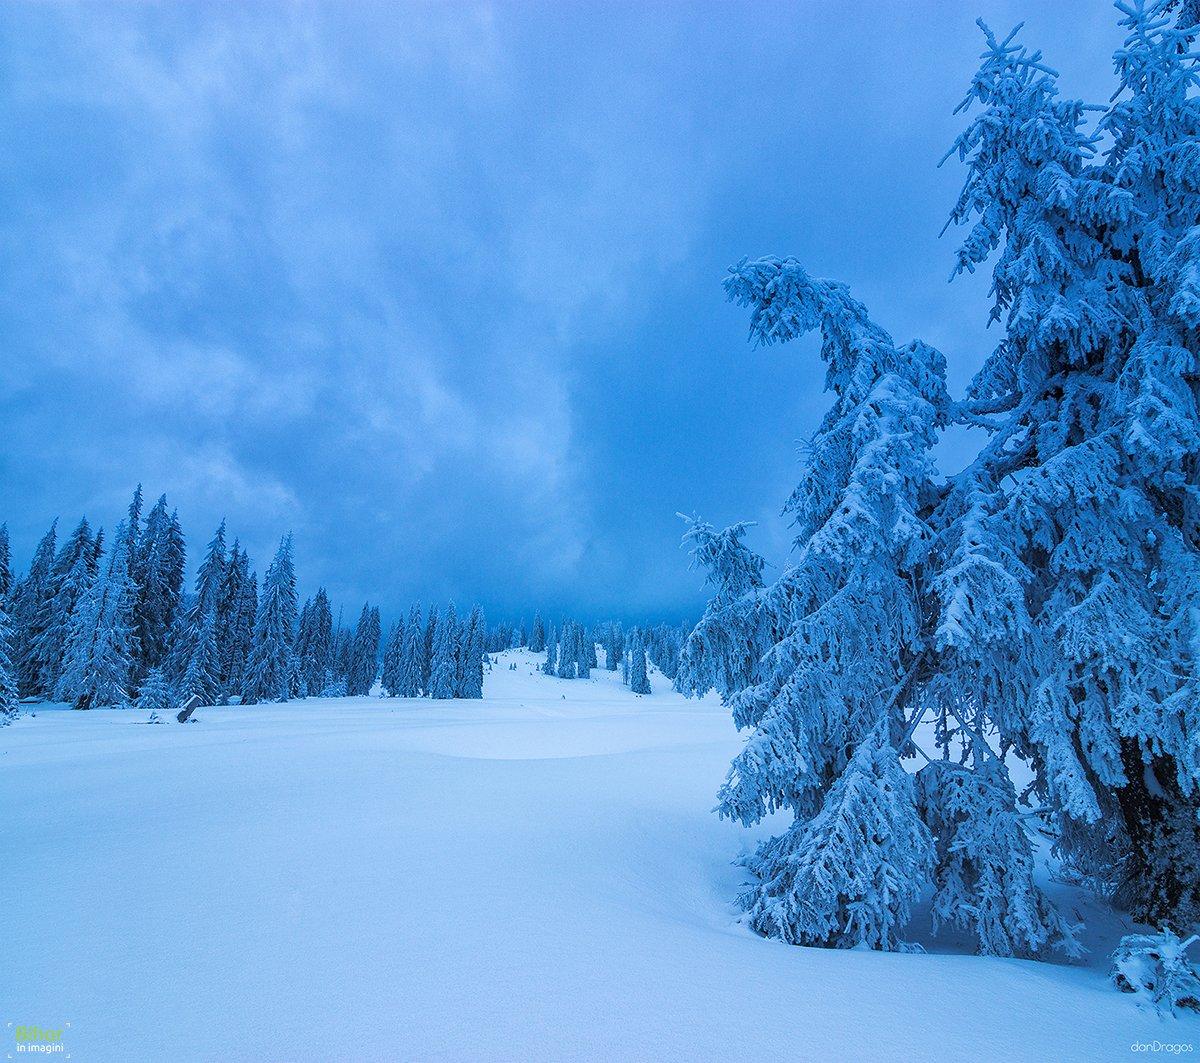 Winter landscape in Vărășoaia glade